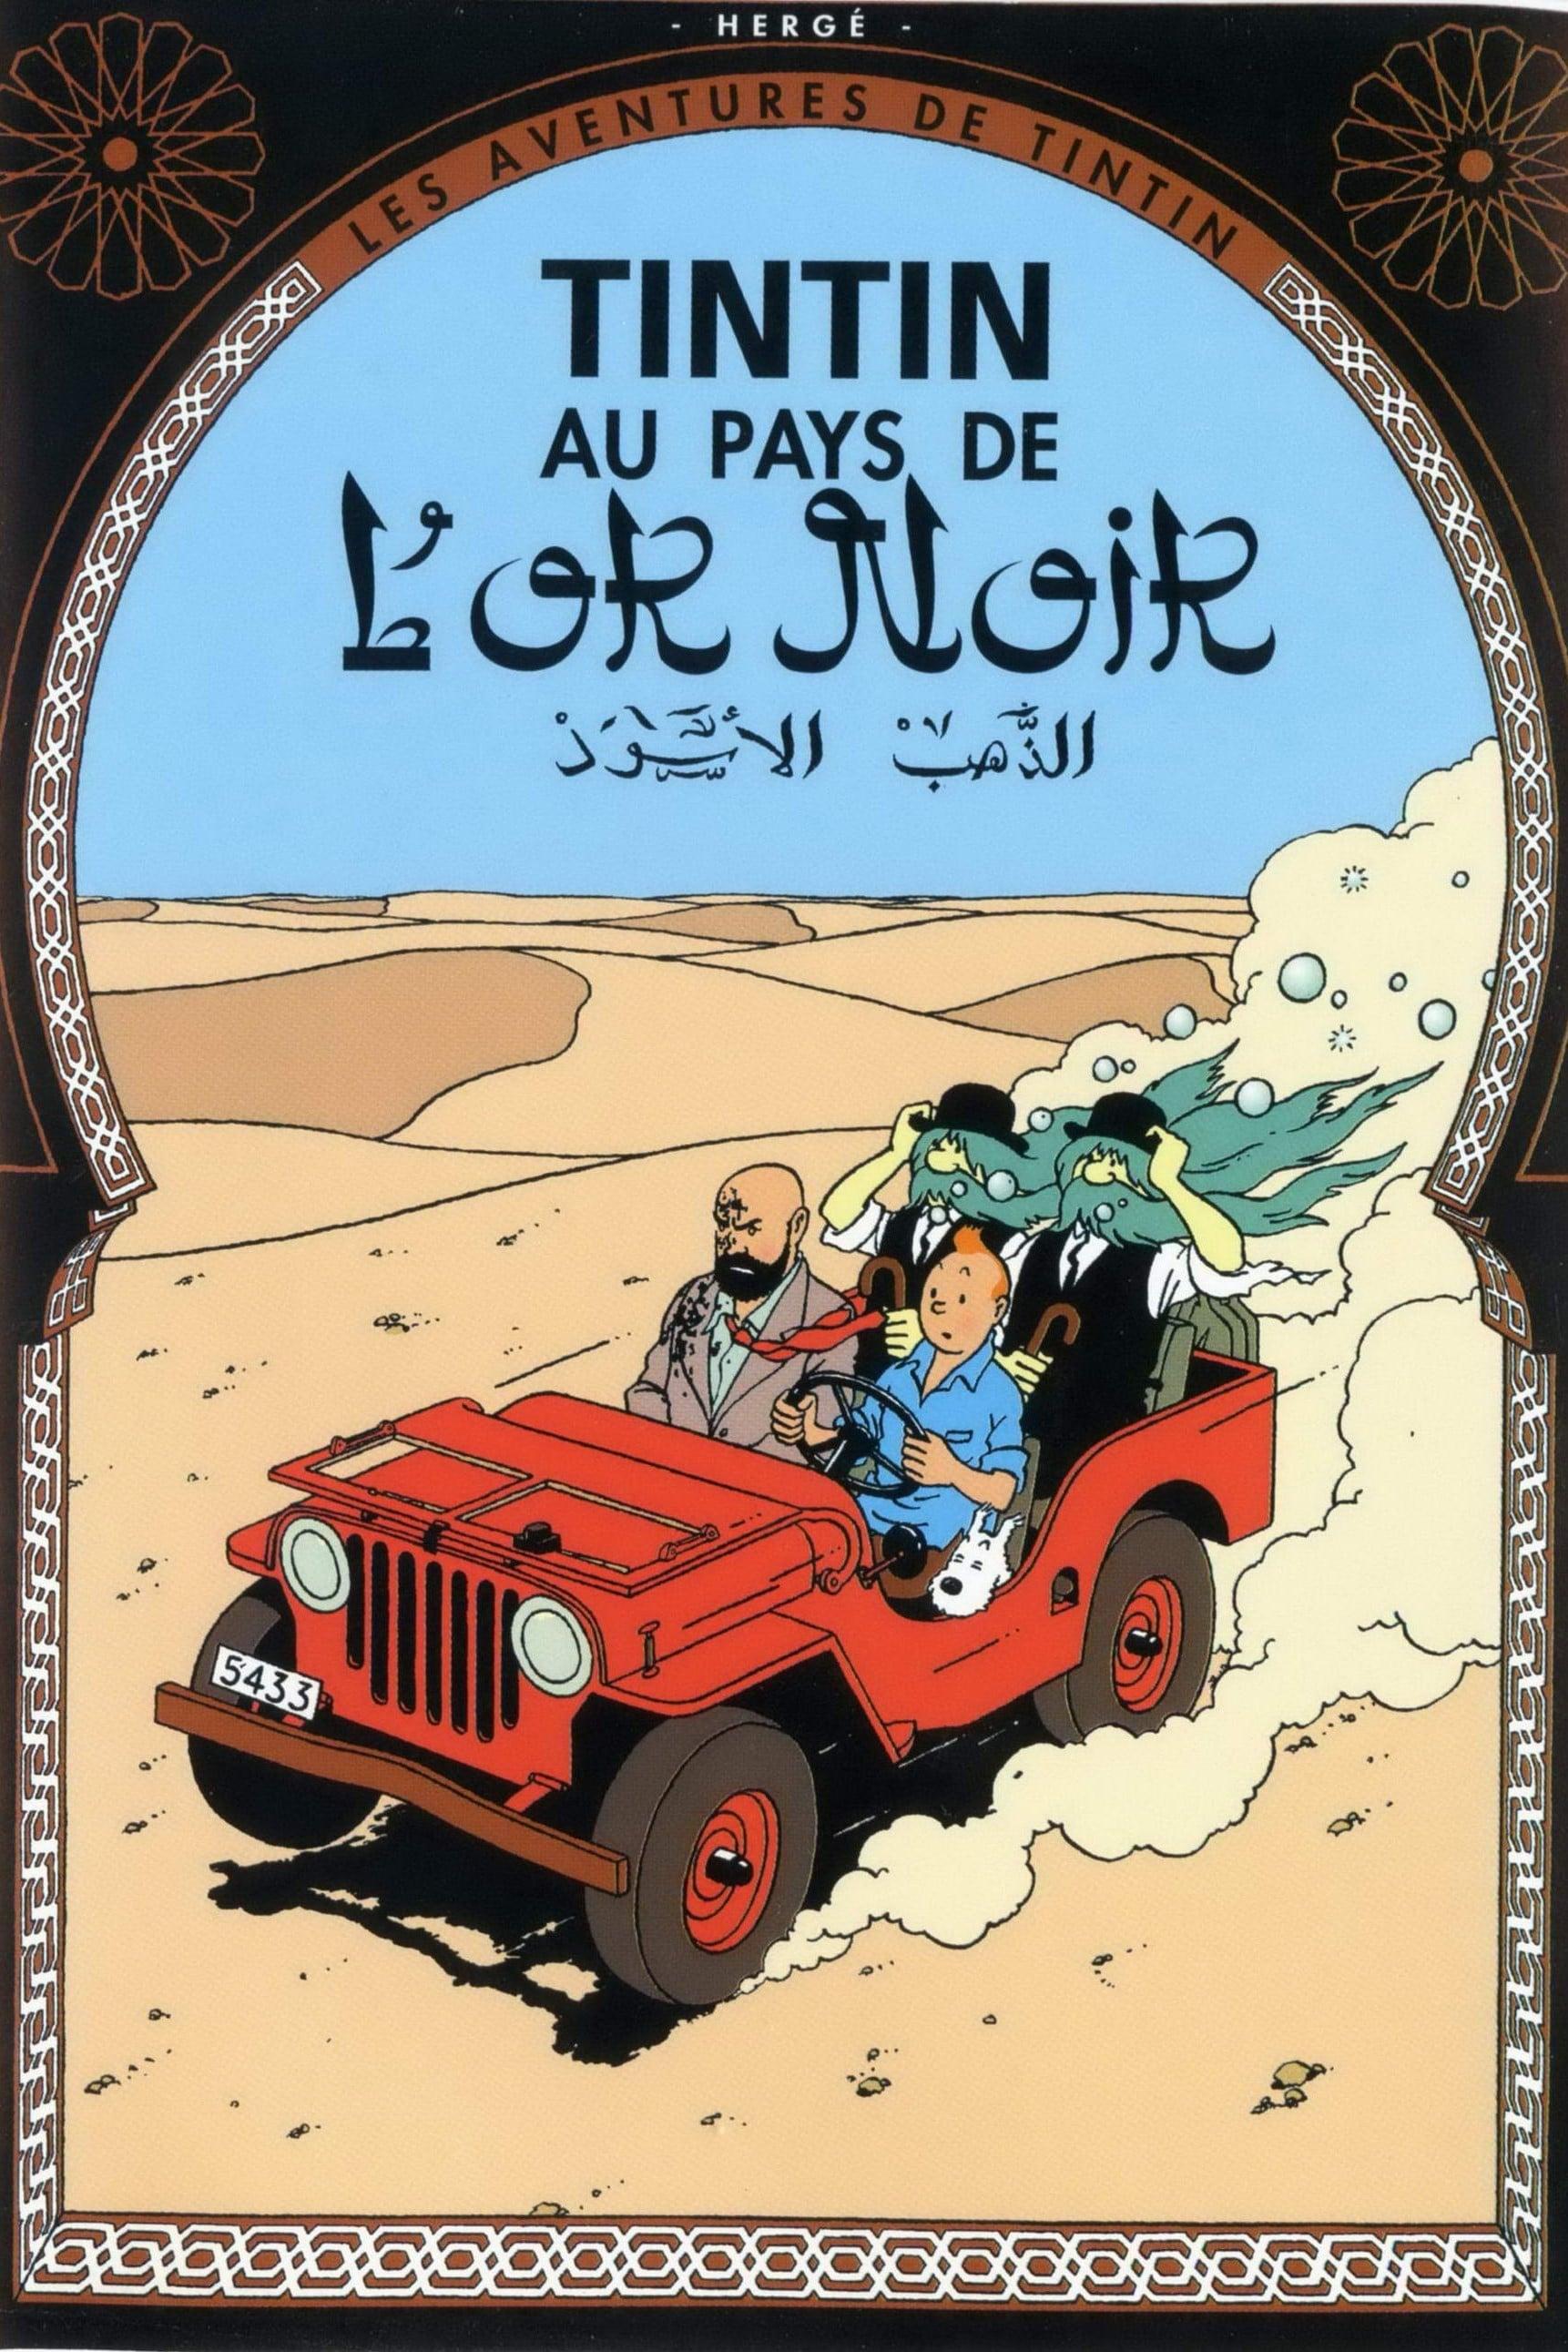 Les Aventures De Tintin 13 Au Pays De L'Or Noir - 1992